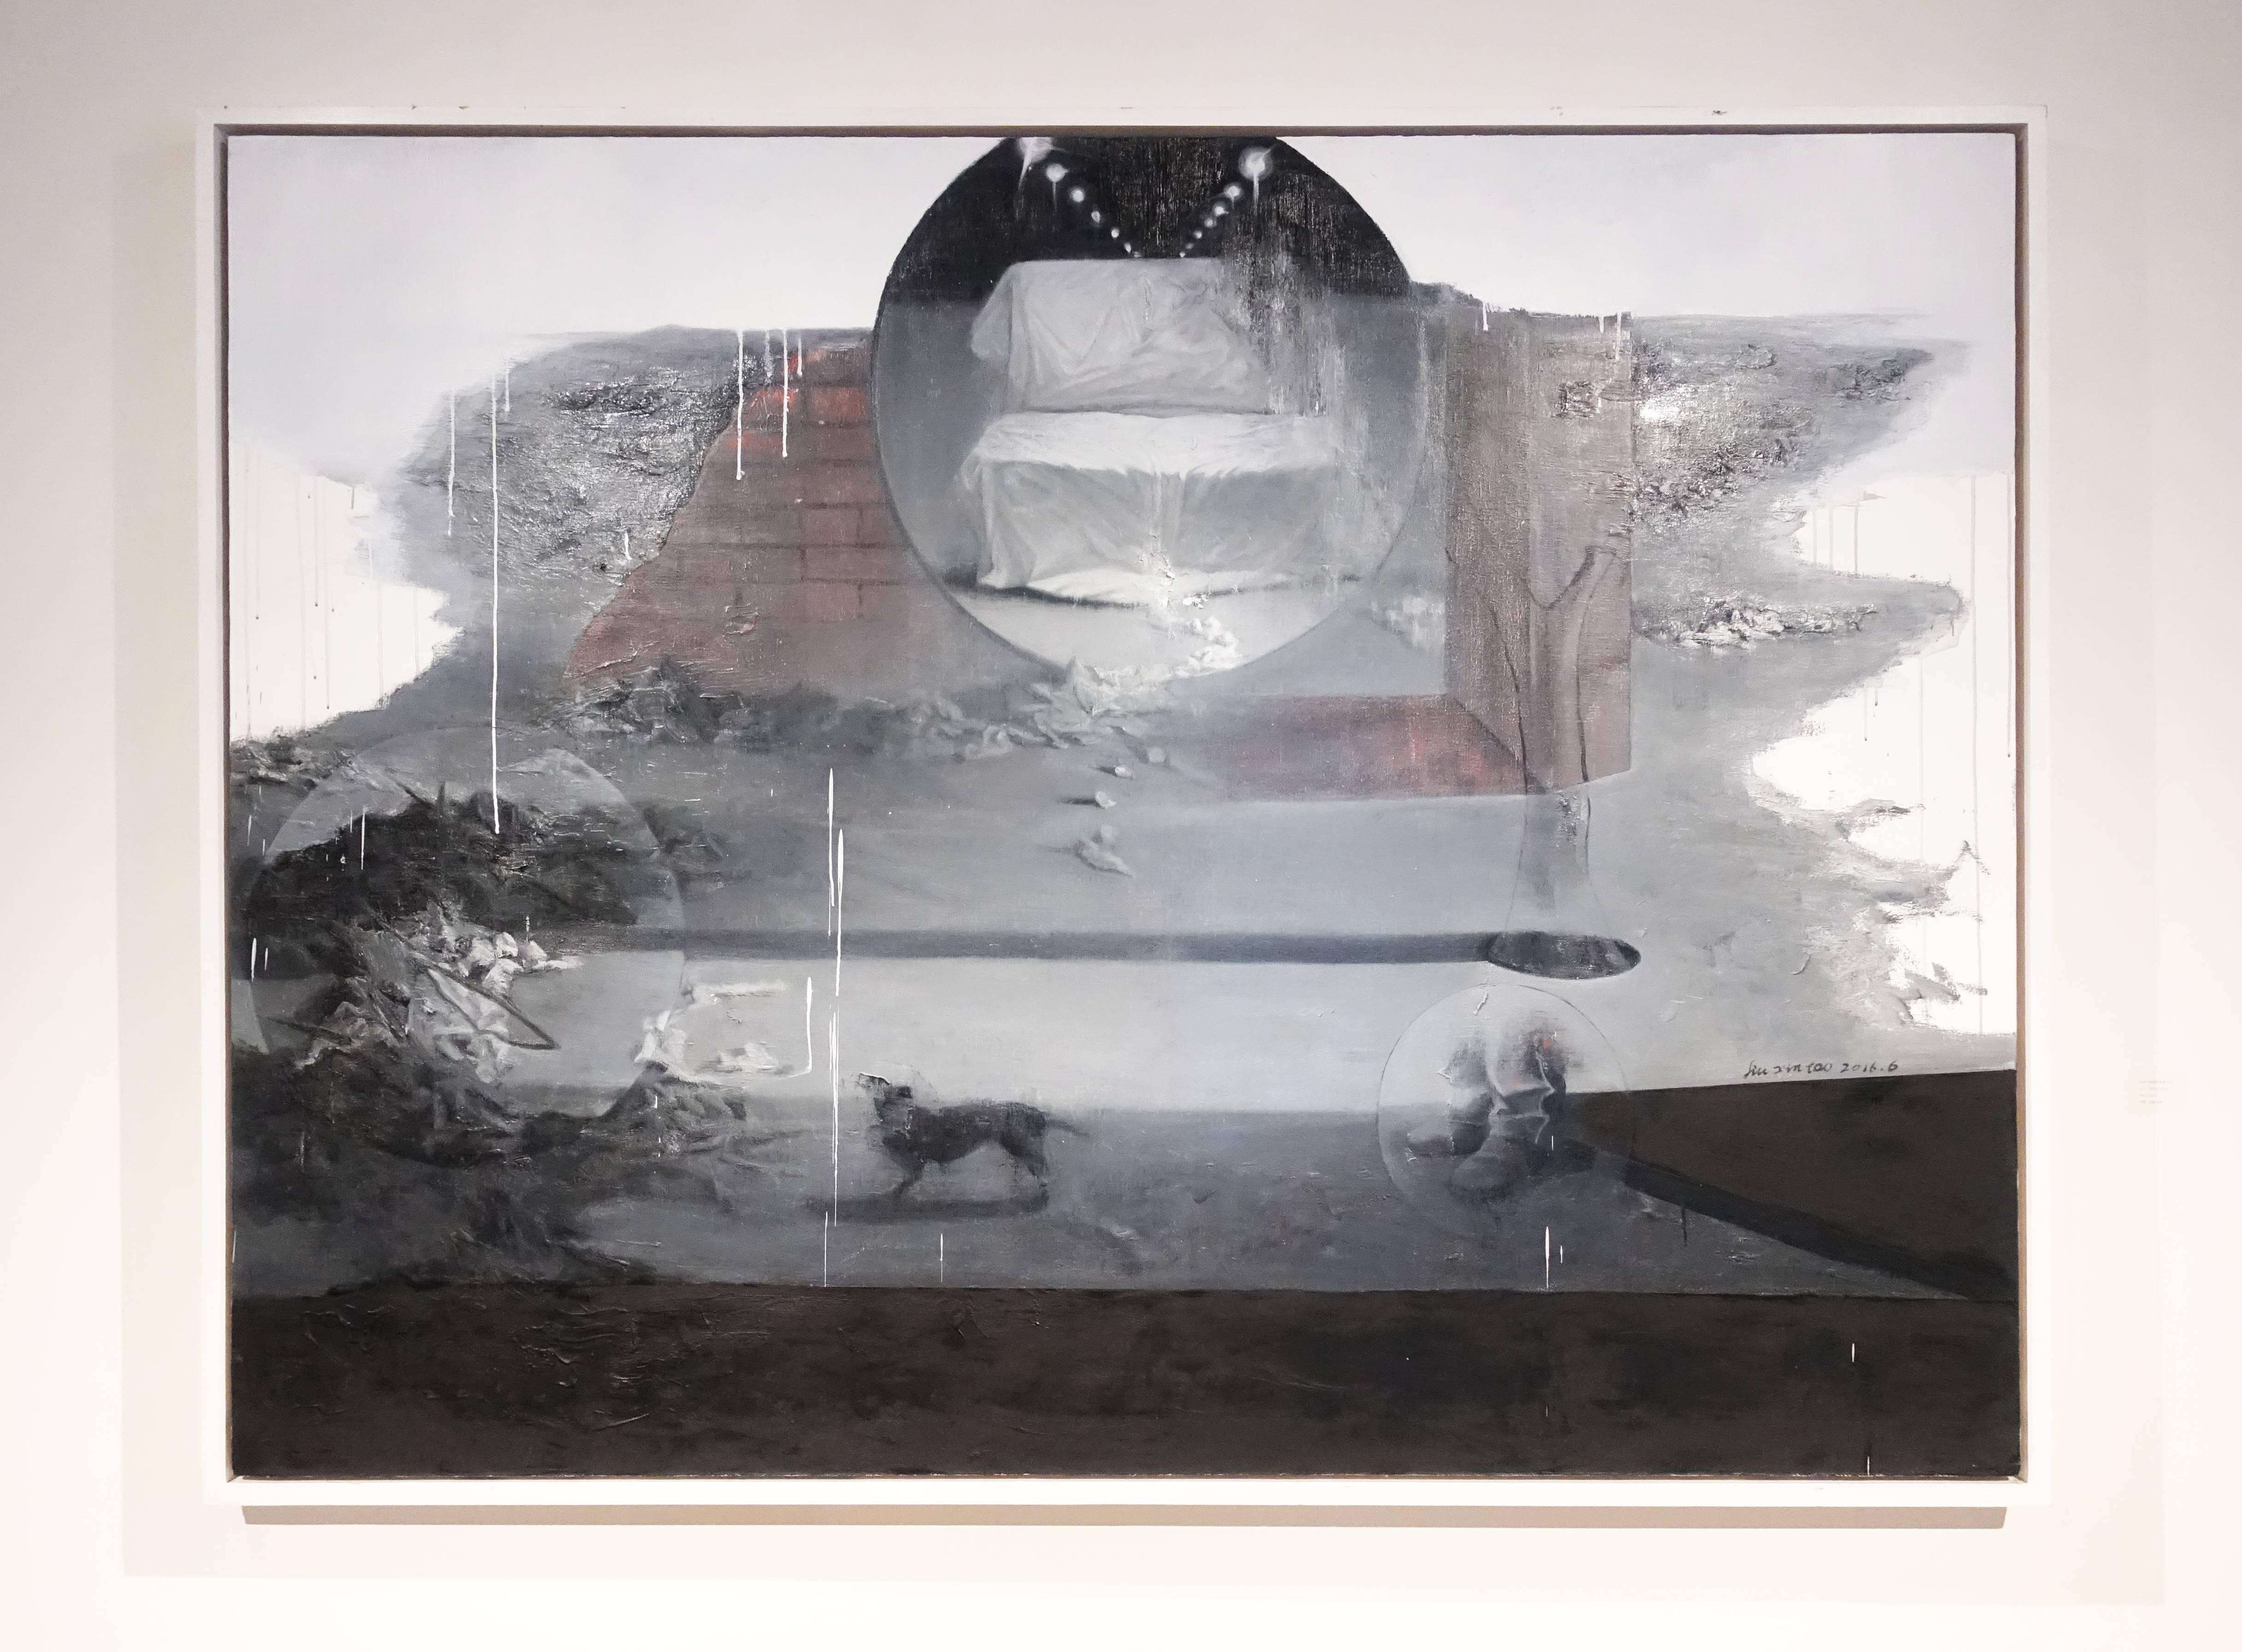 劉芯濤,《無邊的風景之四》, 150 x 200 cm,布面油畫,2016。